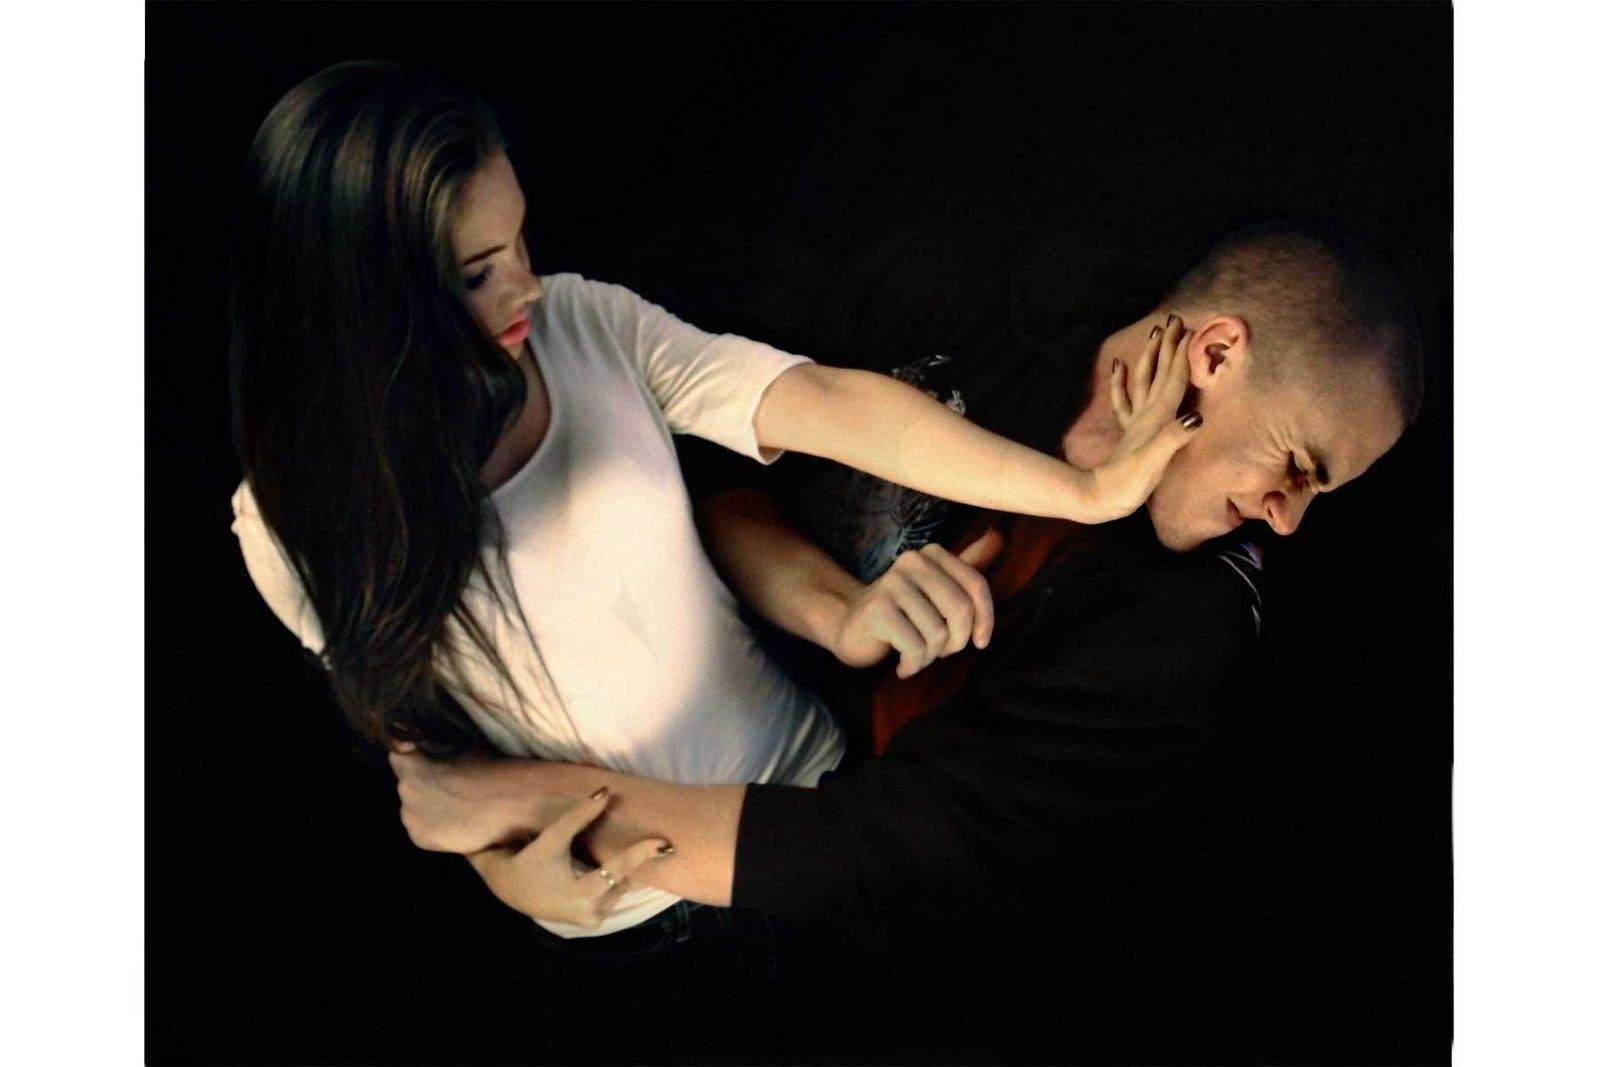 Парень ударяет девушку фото